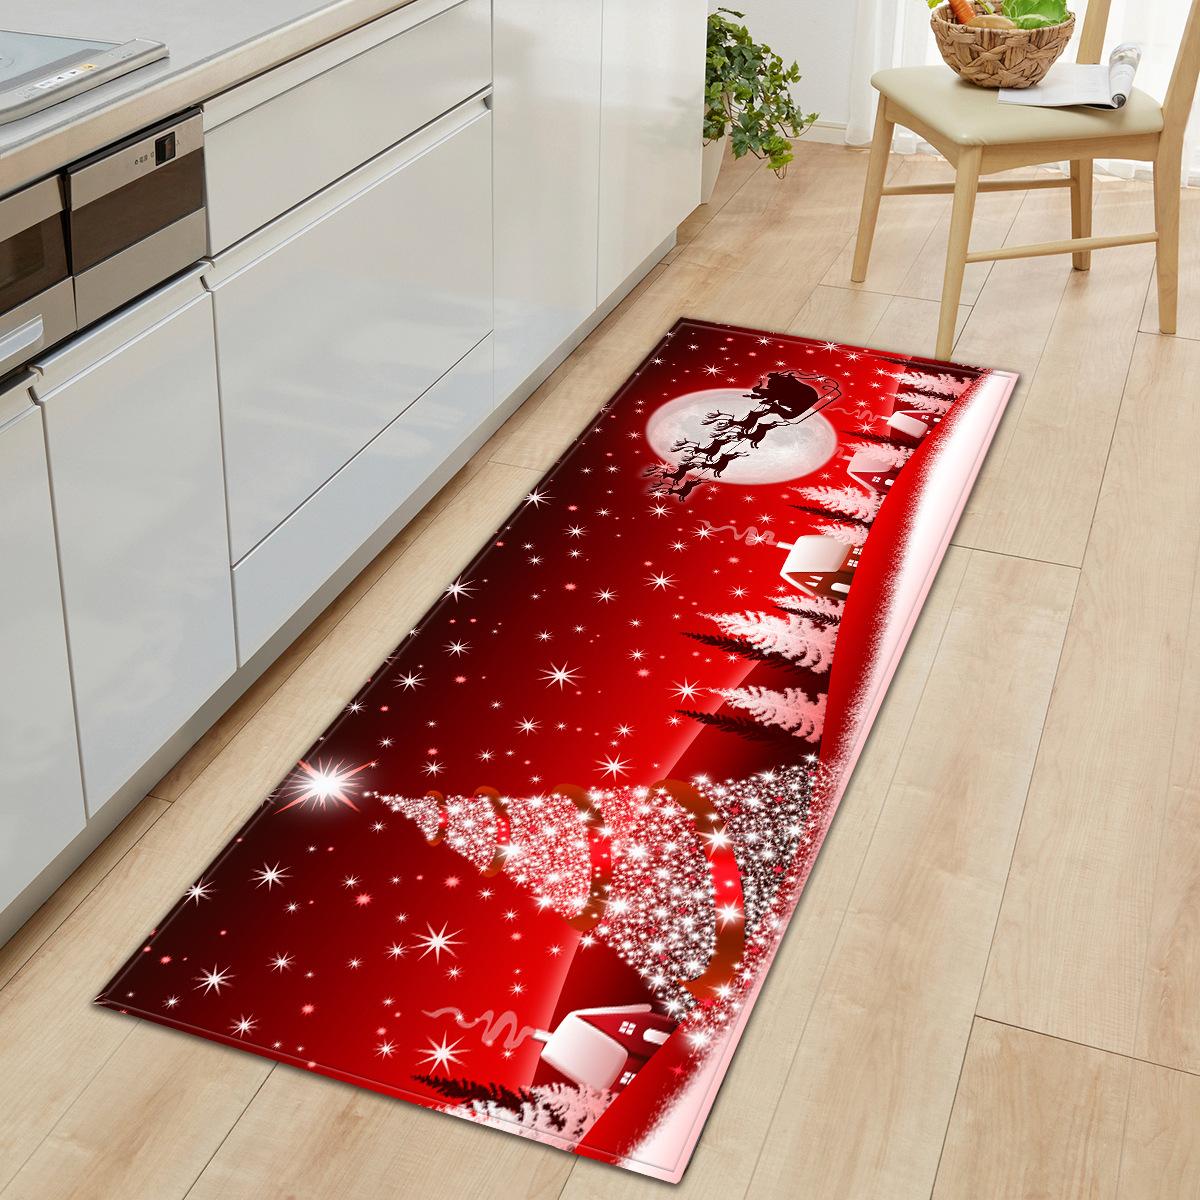 Hot Sale Christmas Absorbent Rectangular Bathroom Non-Slip Door Mat Bedroom Living Room Custom Floor Mat Carpet